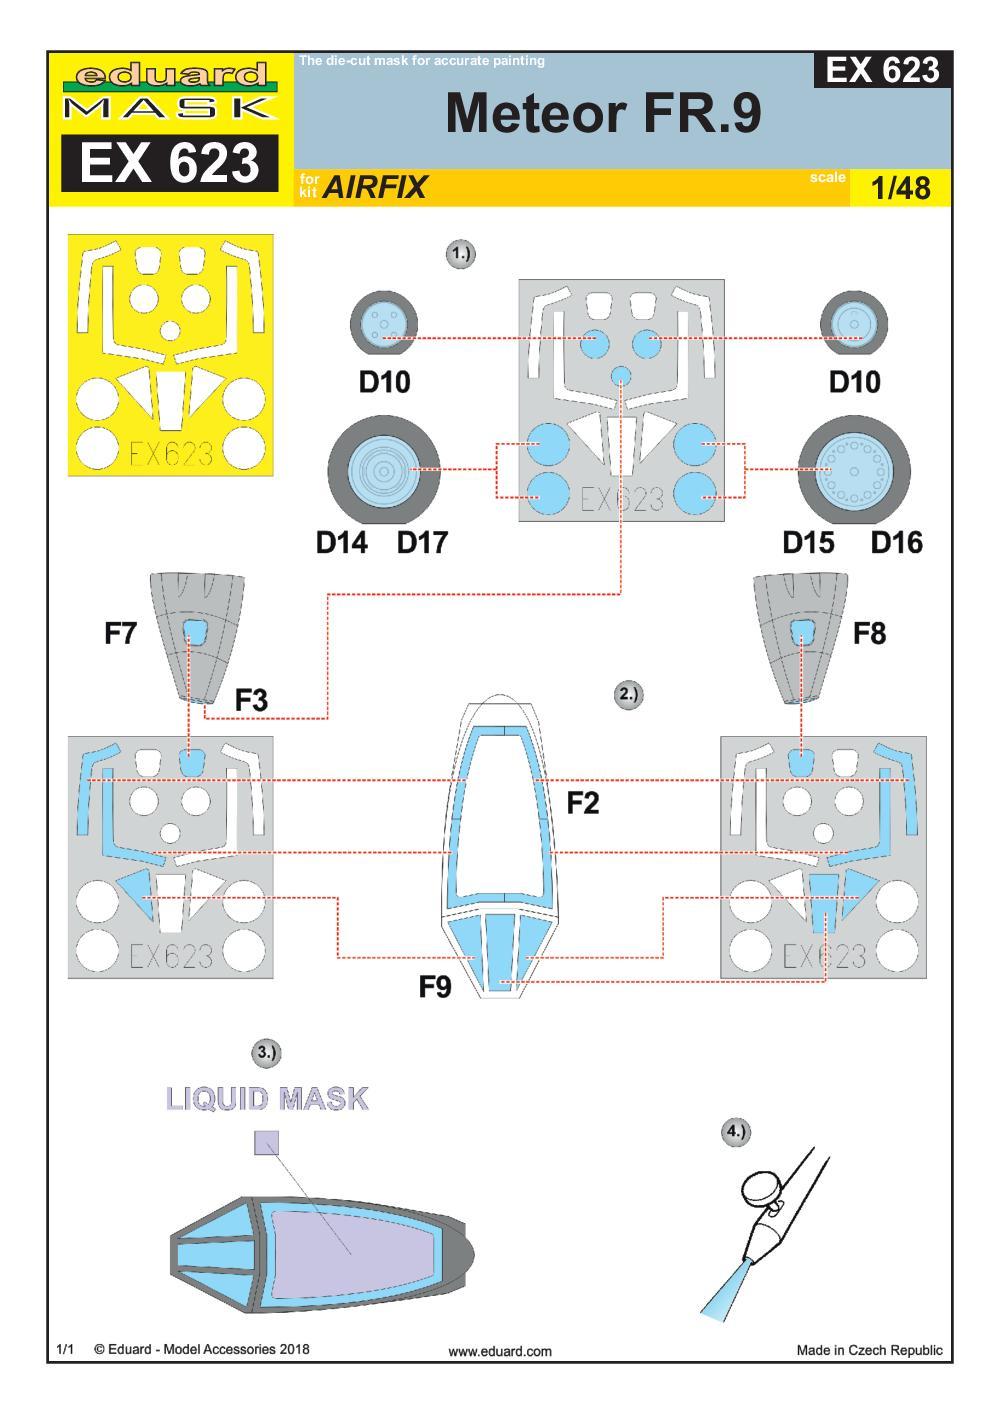 Eduard-EX-623-Meteor-FR.9-Masken-2 Eduard-Zubehör für die Meteor FR.9 von Airfix in 1:48 # FE 938 und EX 623